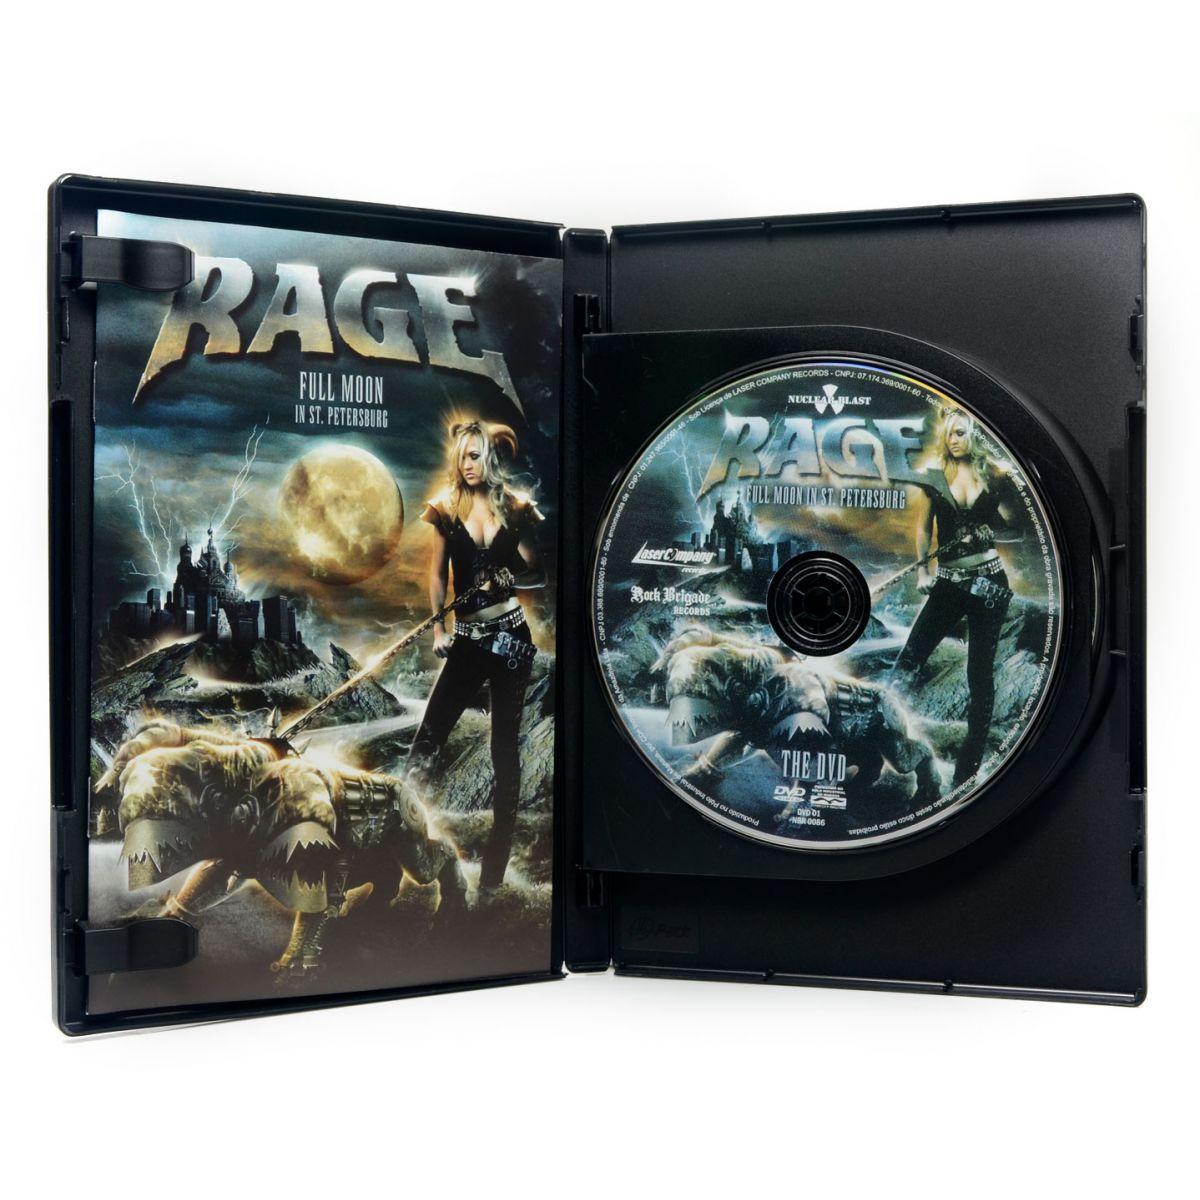 DVD Triplo Rage - Full Moon in St. Petersburg - Lacrado (DVD Duplo + CD)